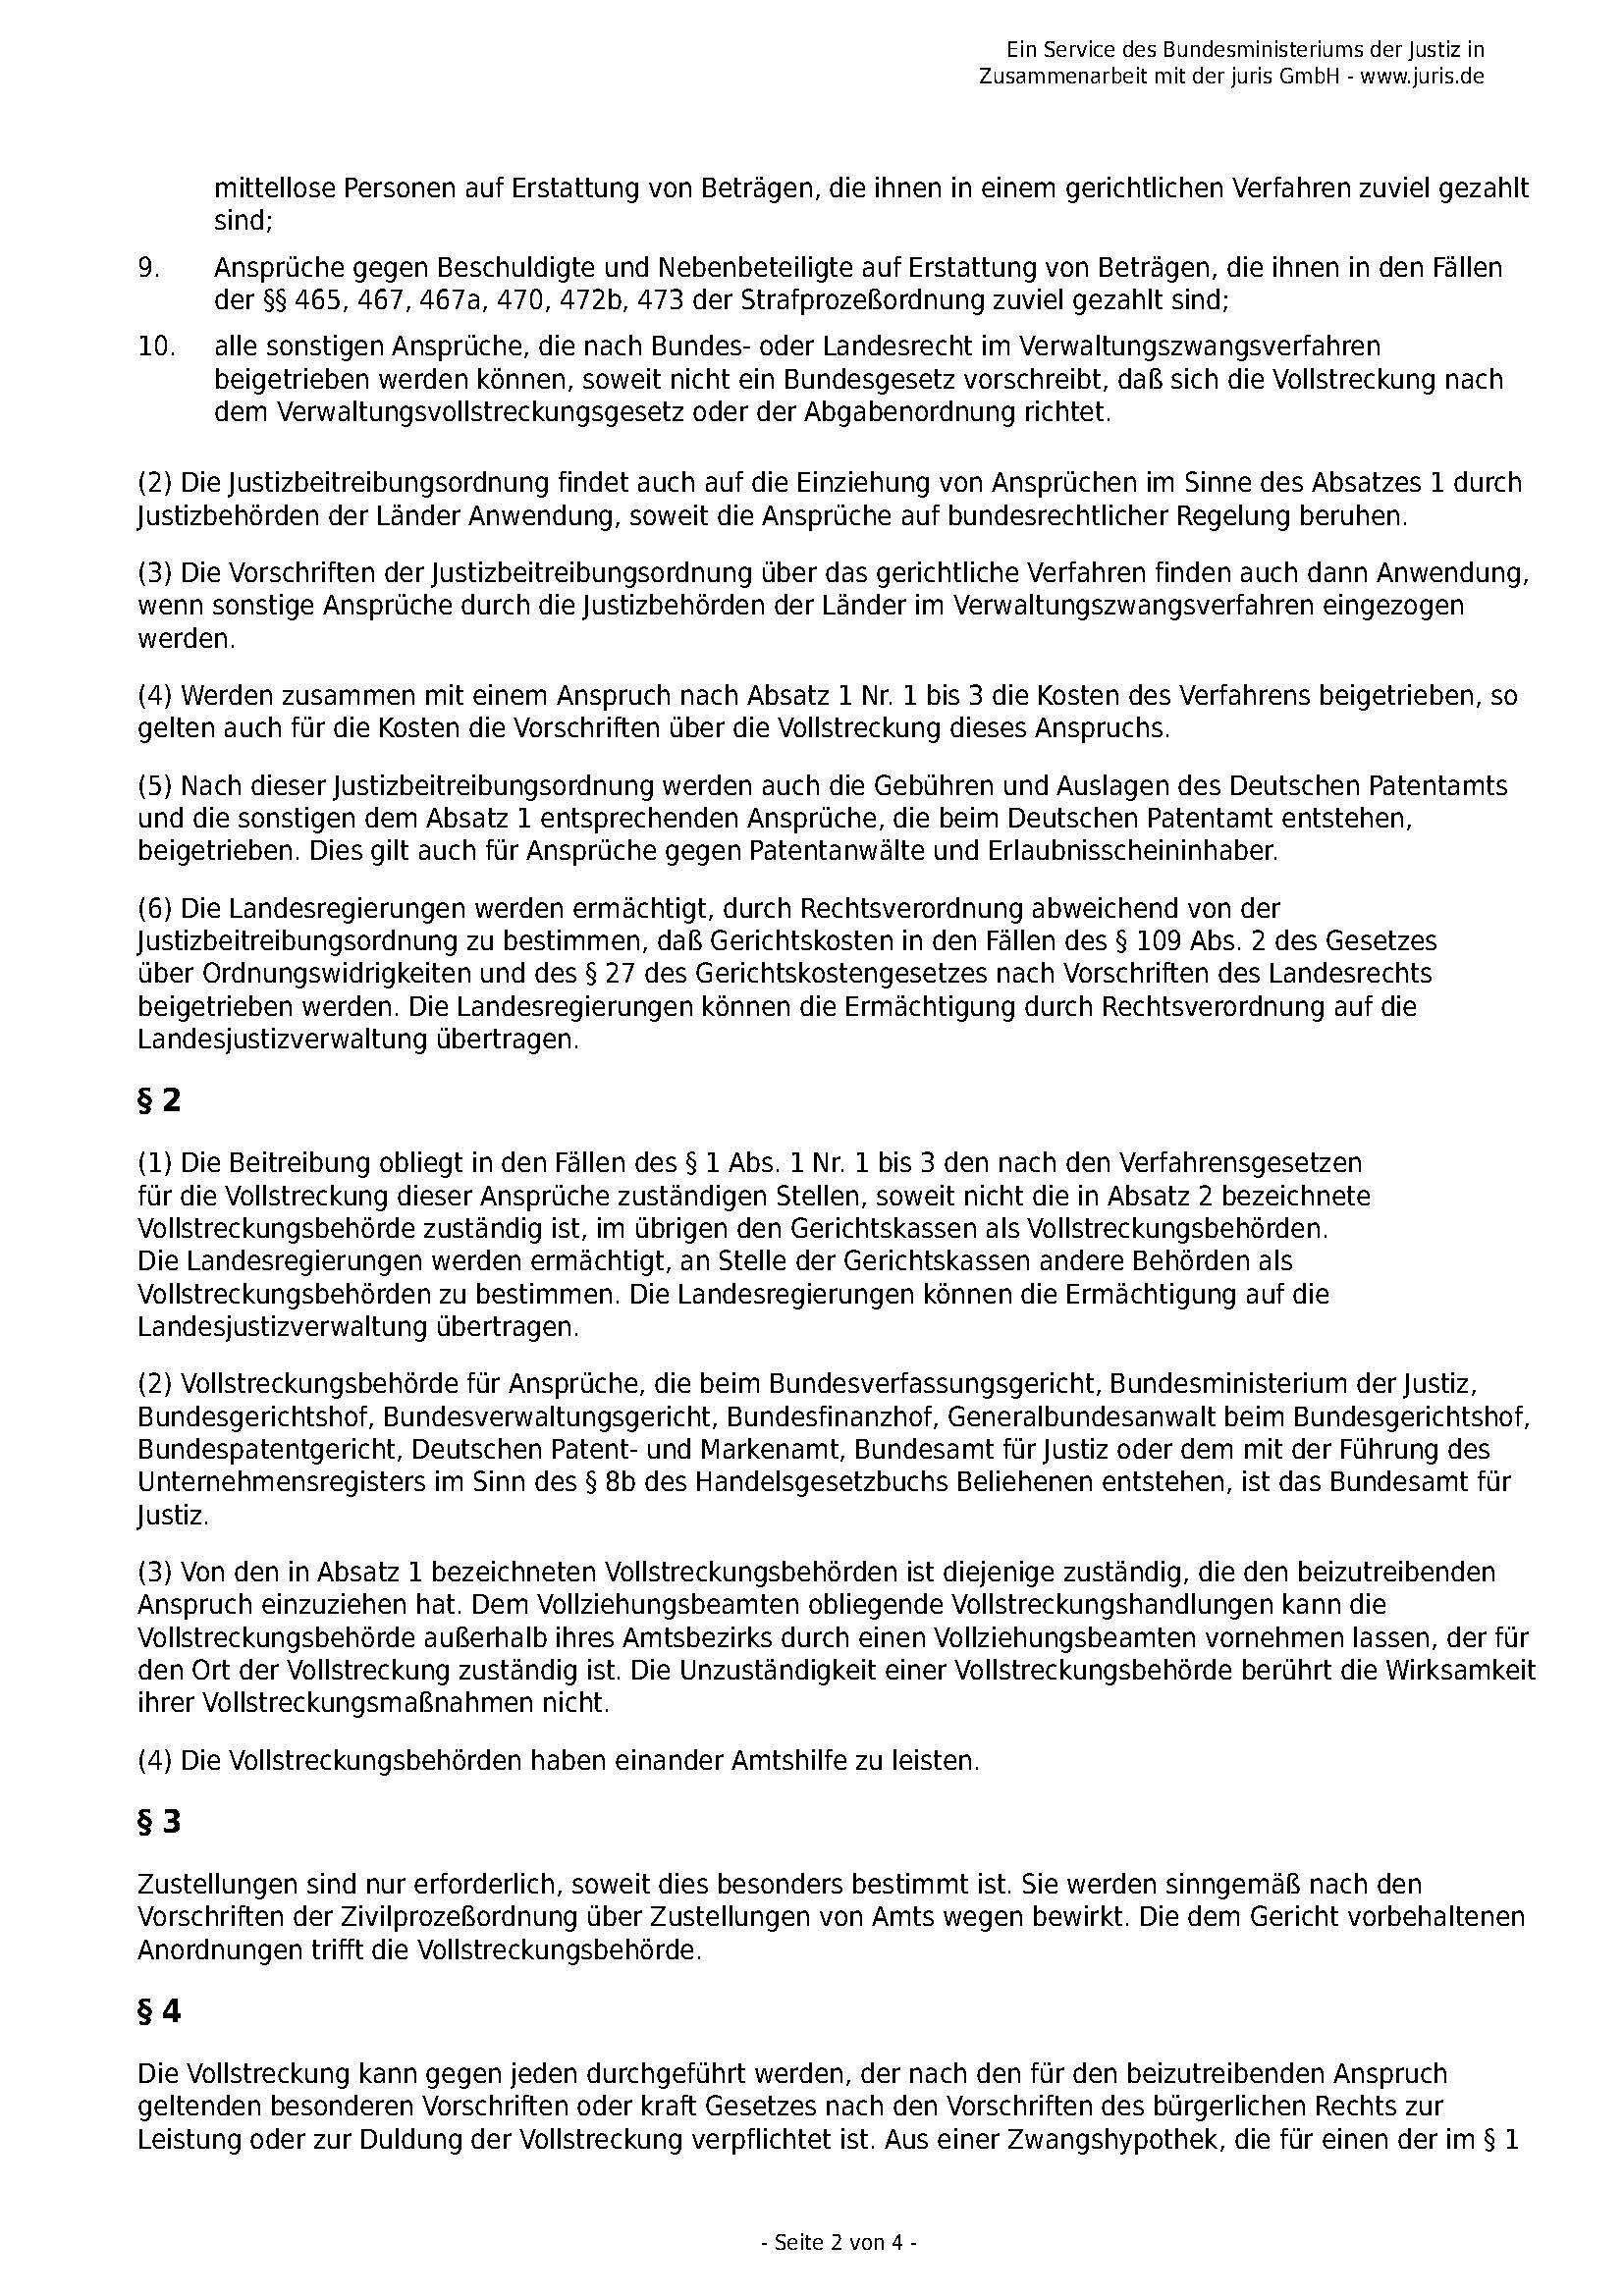 Fifty shades of grey vertrag pdf